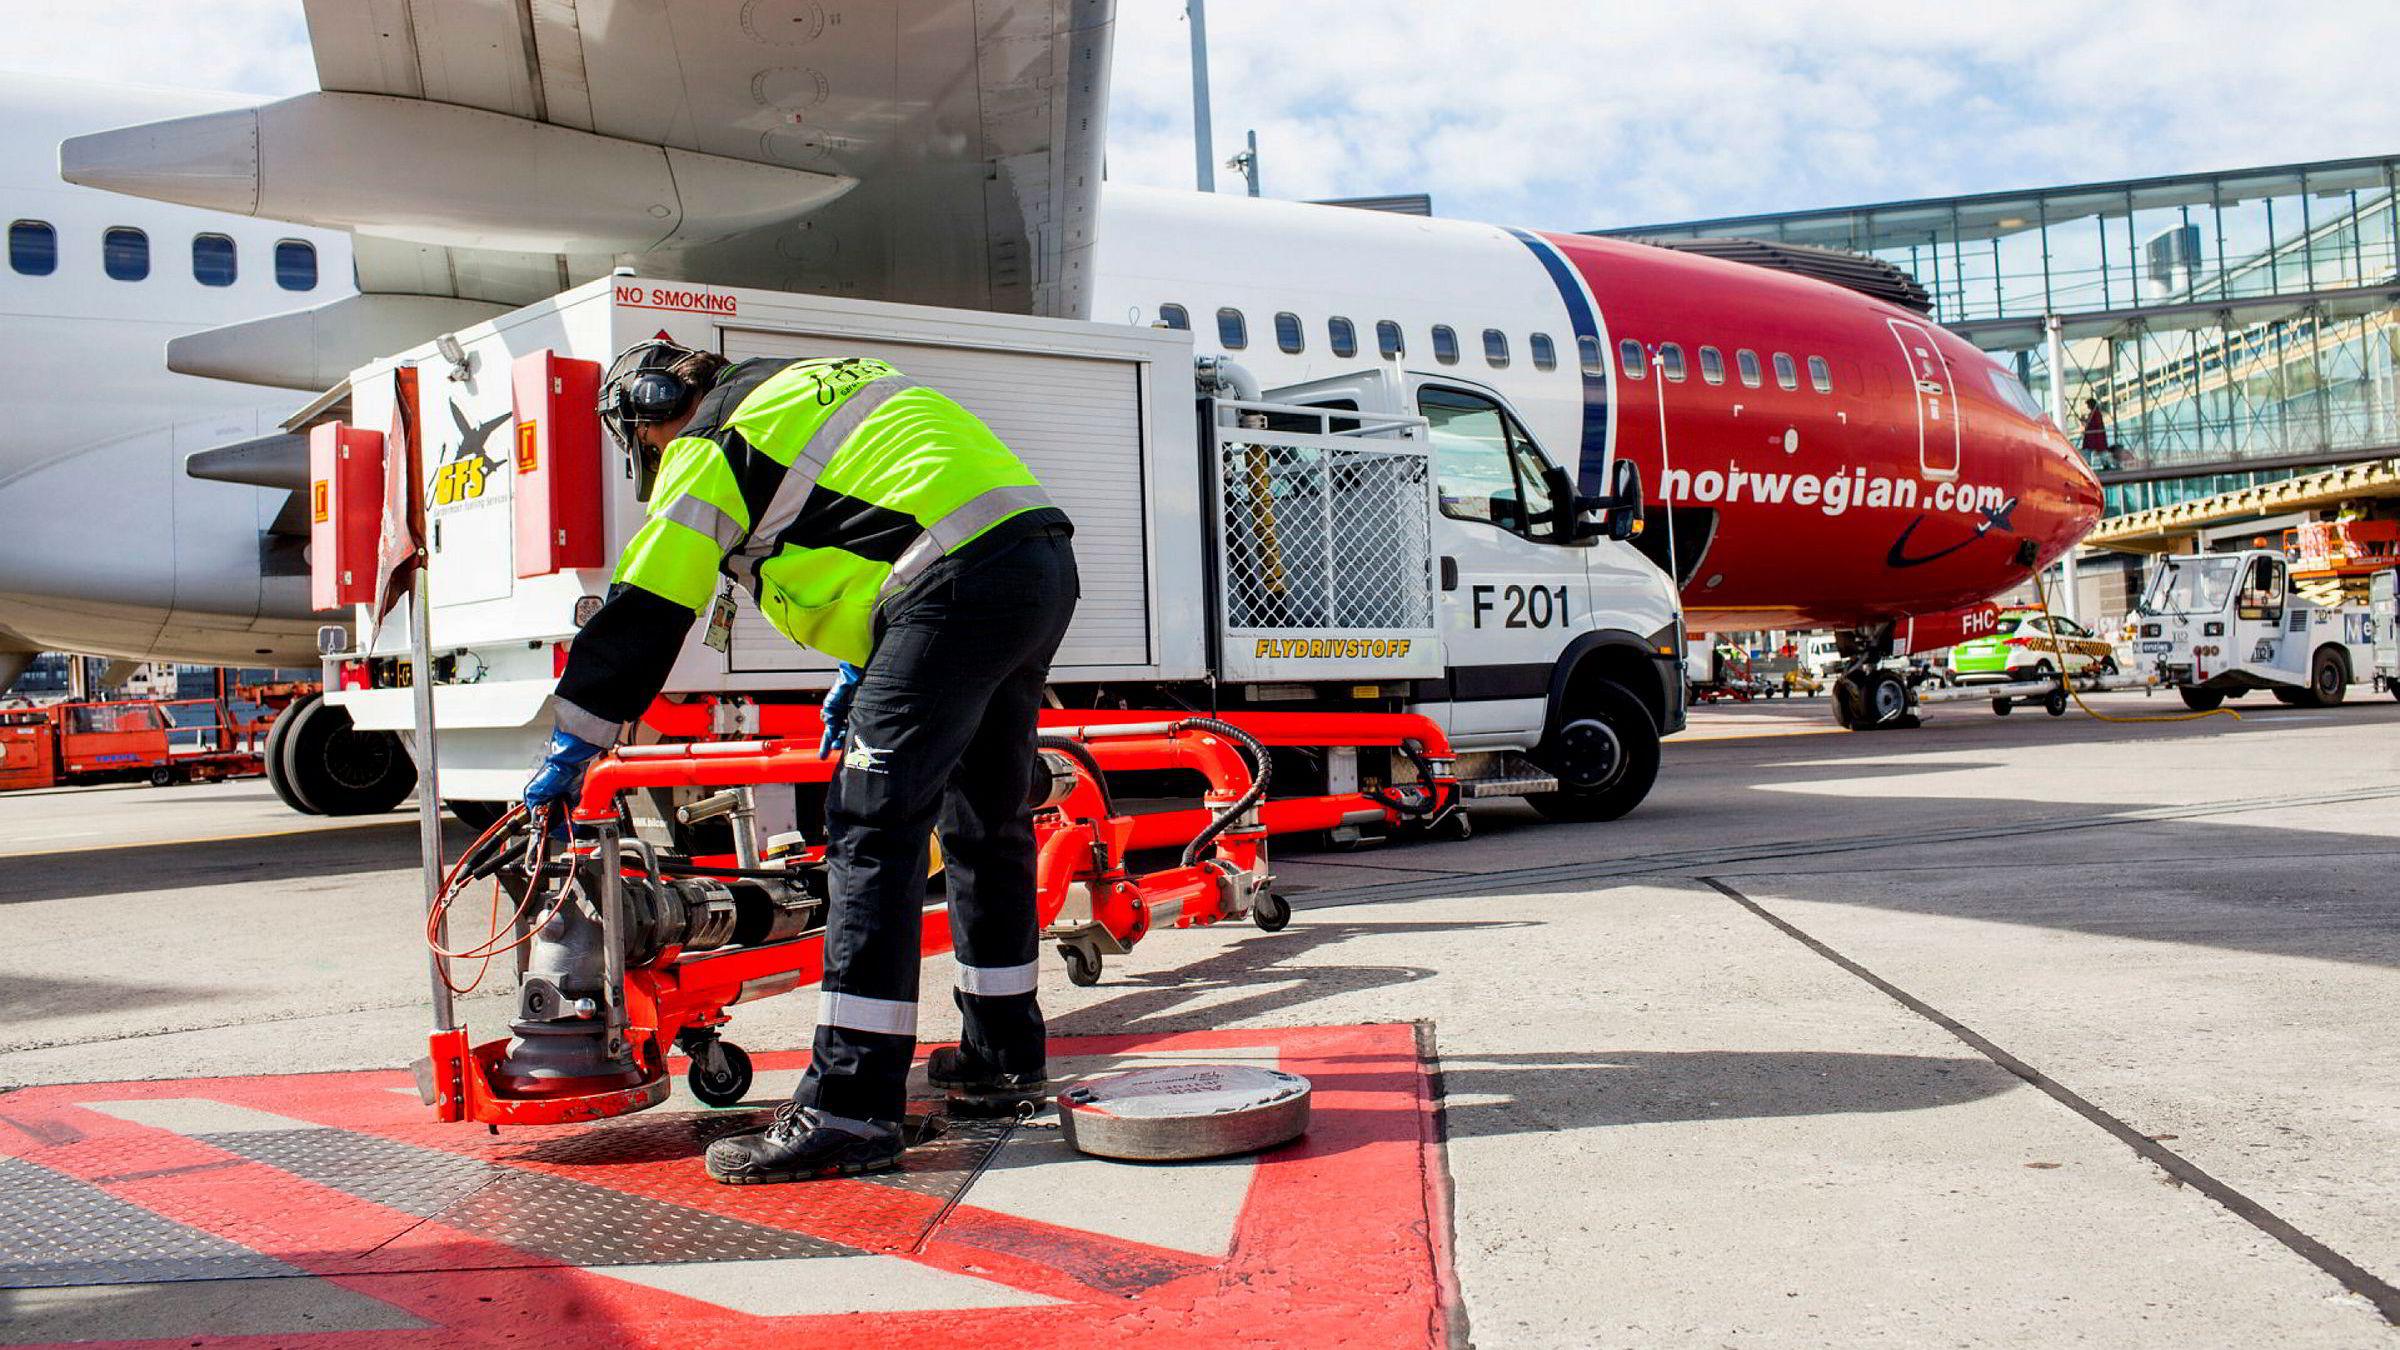 Fra i år er flyselskapene forpliktet til å blande inn 0,5 prosent biodrivstoff på flyene, når flyene tanker opp på Oslo lufthavn (bildet). Nå vil miljøorganisasjoner ha et klimafond for å få til produksjon av biodrivstoff som monner.